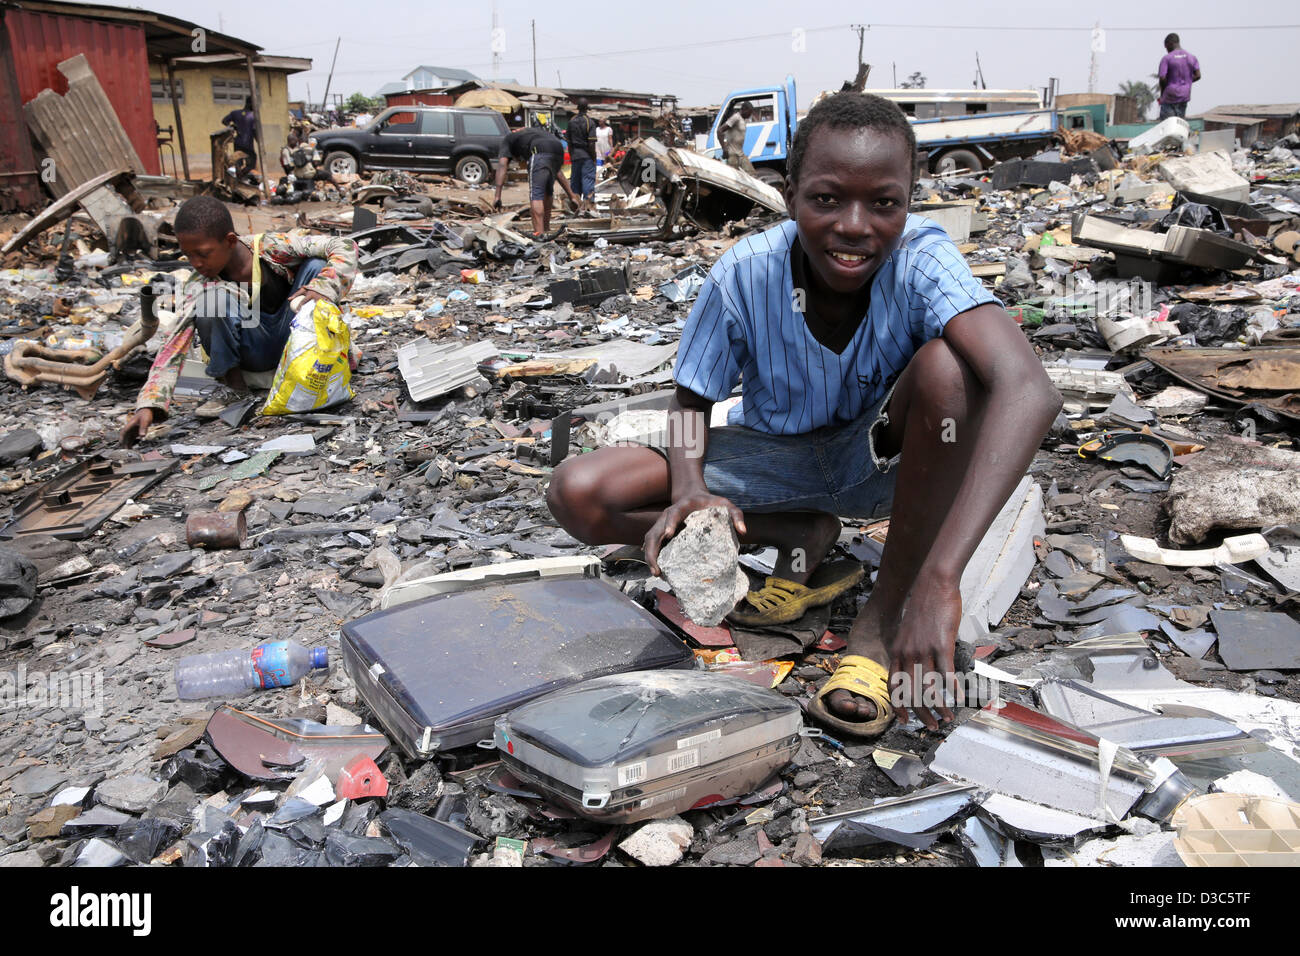 Adolescents démantèlement d'ordinateurs et autres appareils électroniques pour récupérer Photo Stock